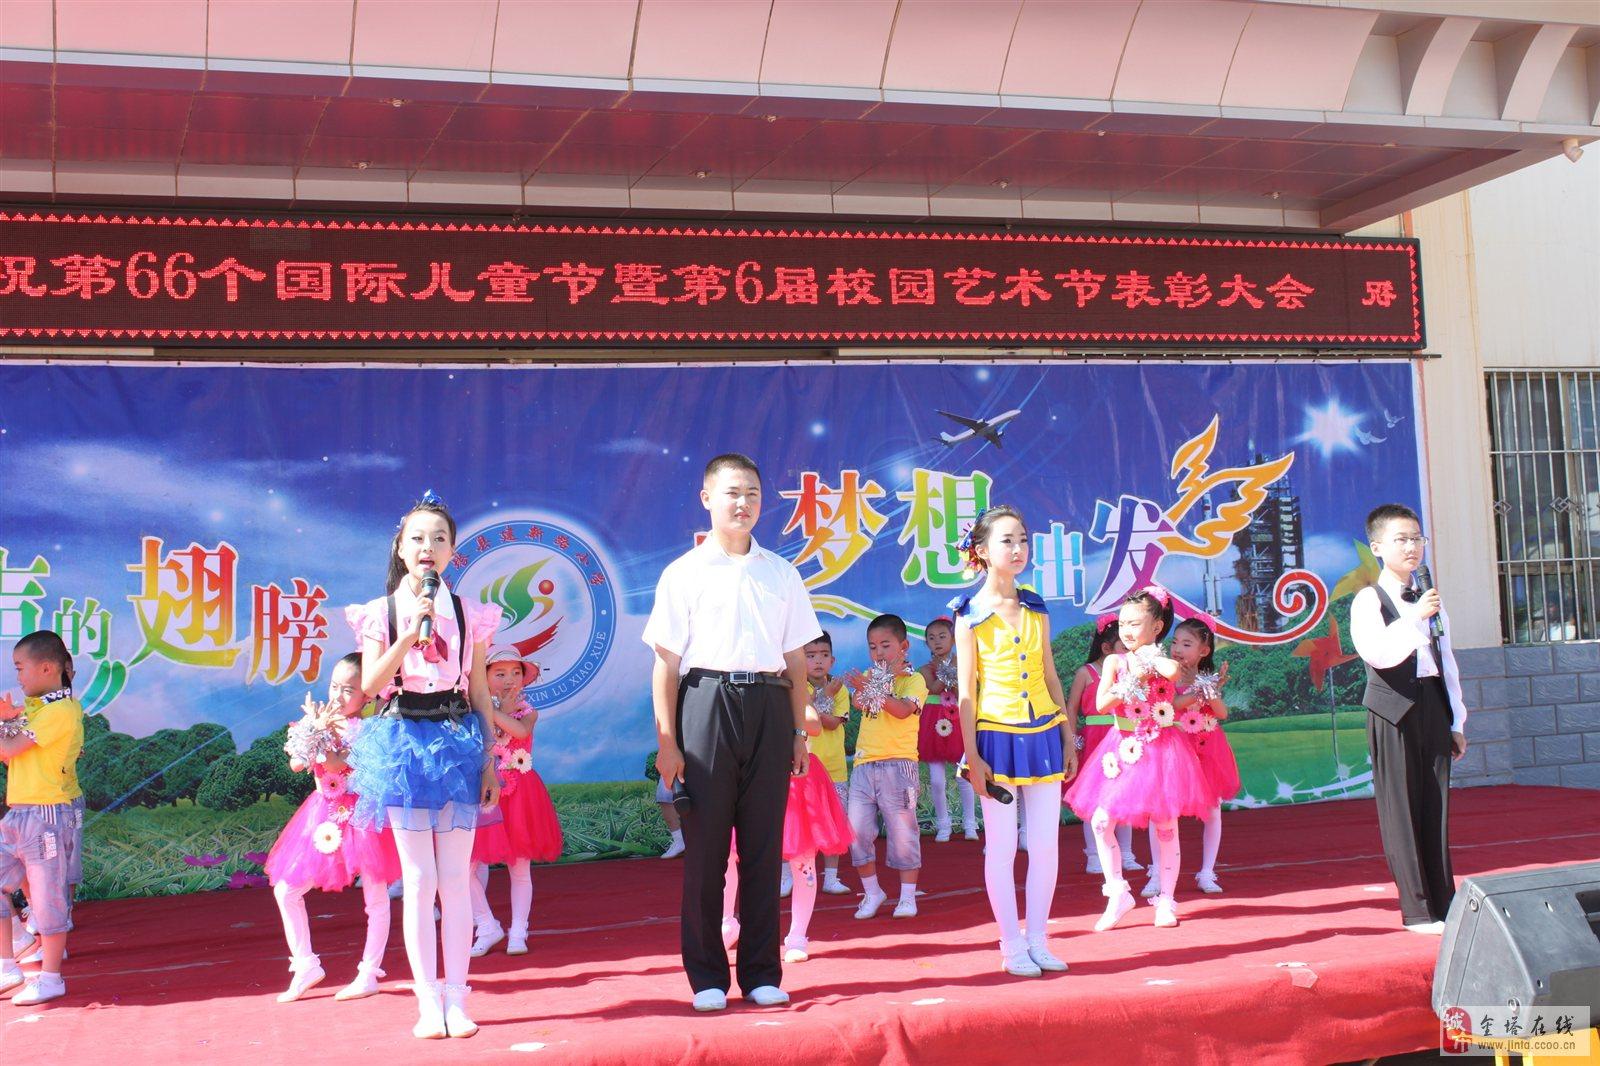 建新路小学六一国际儿童节文艺节目演出现场